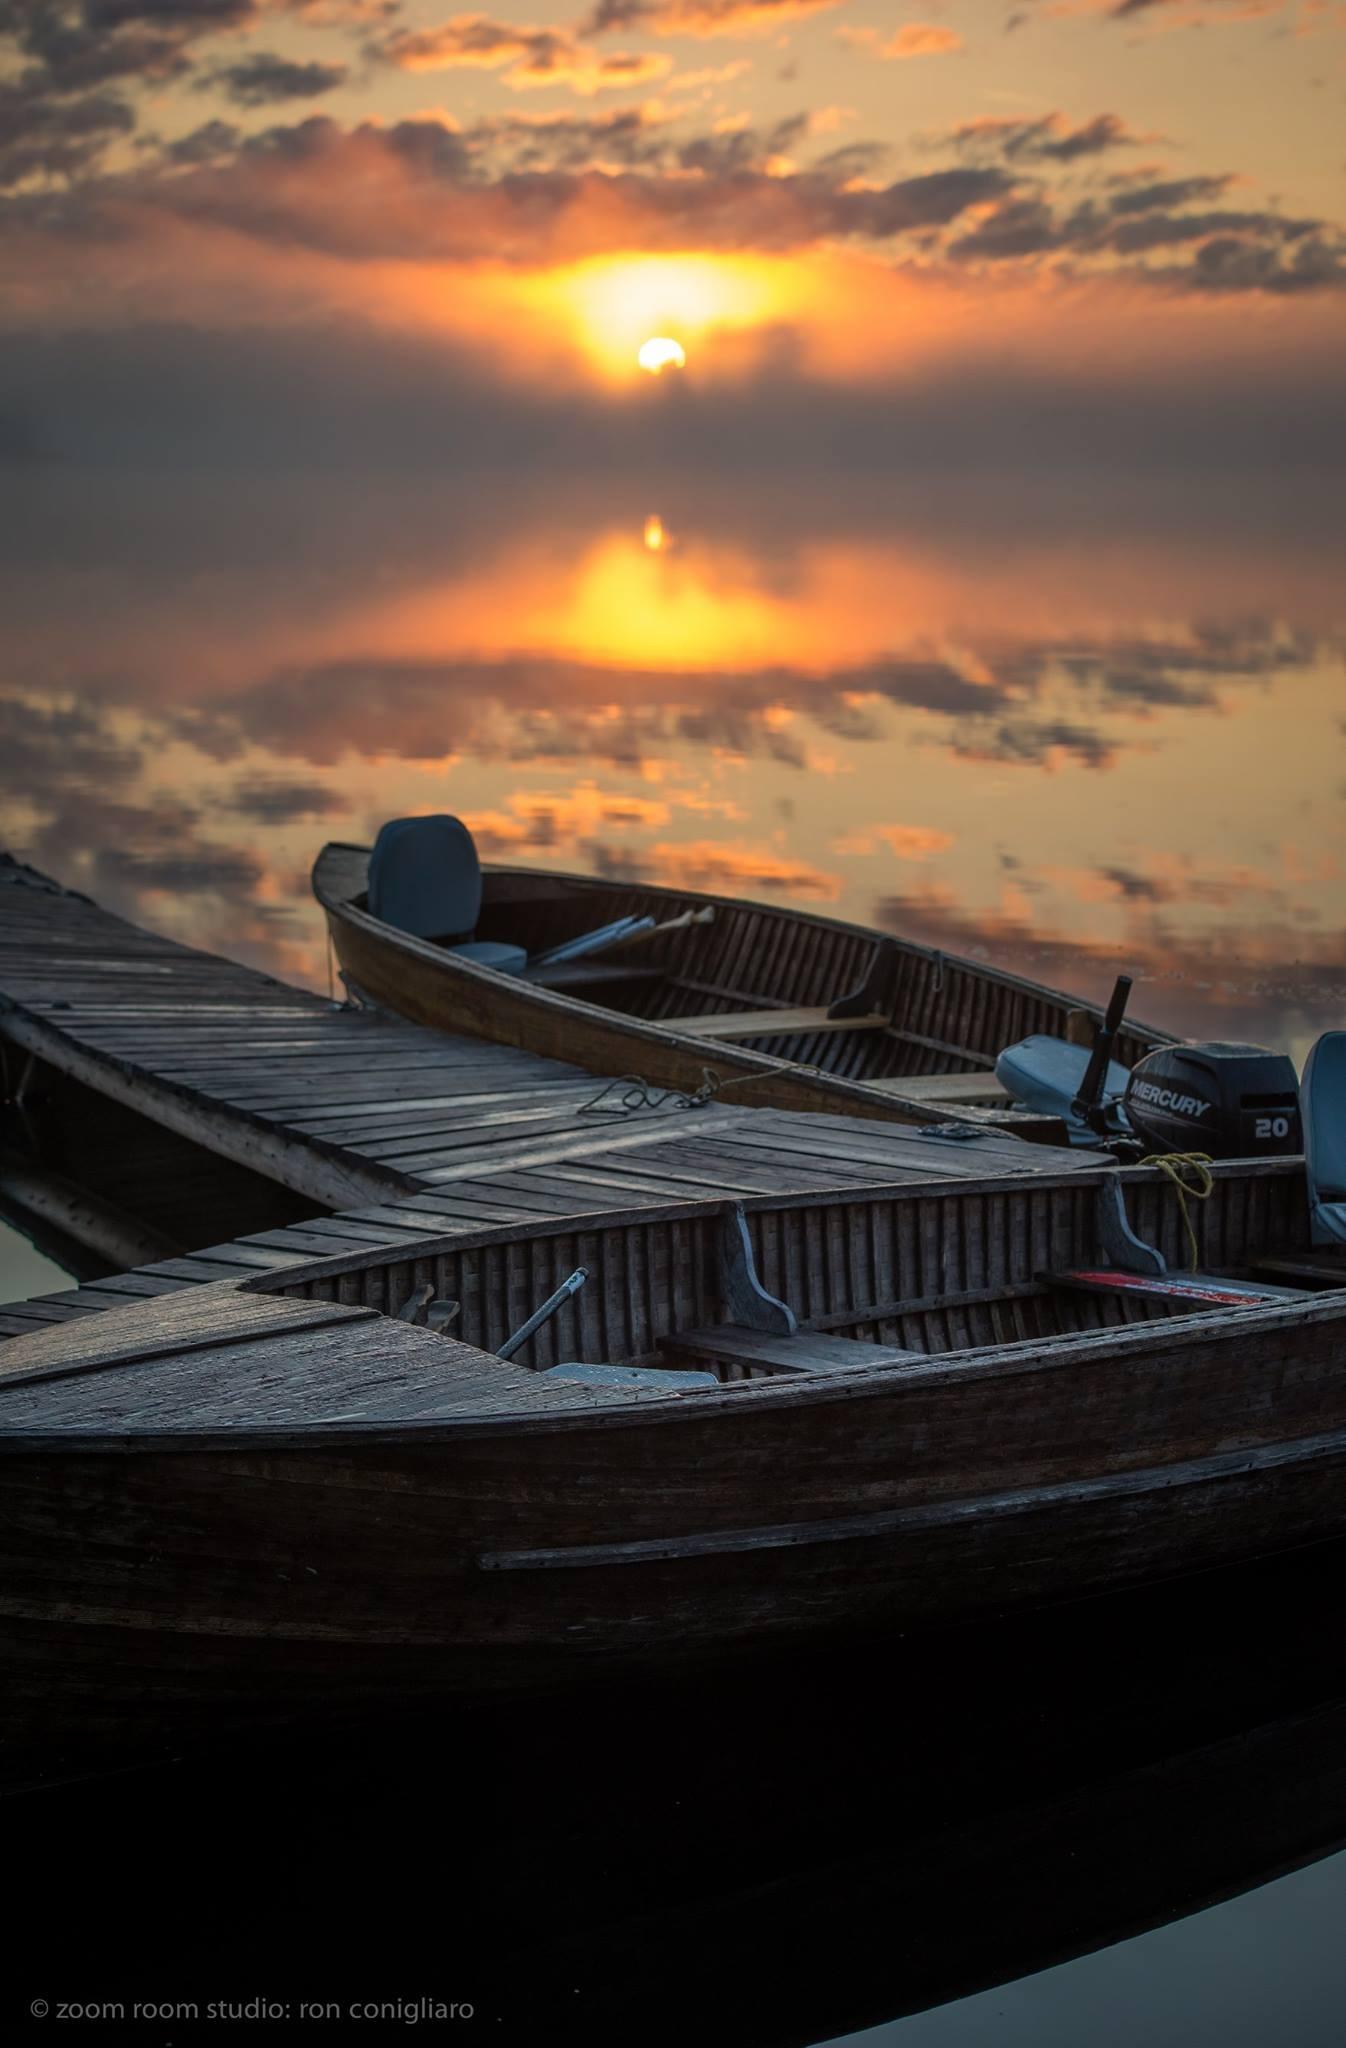 Sunrise by Ron Conigliaro